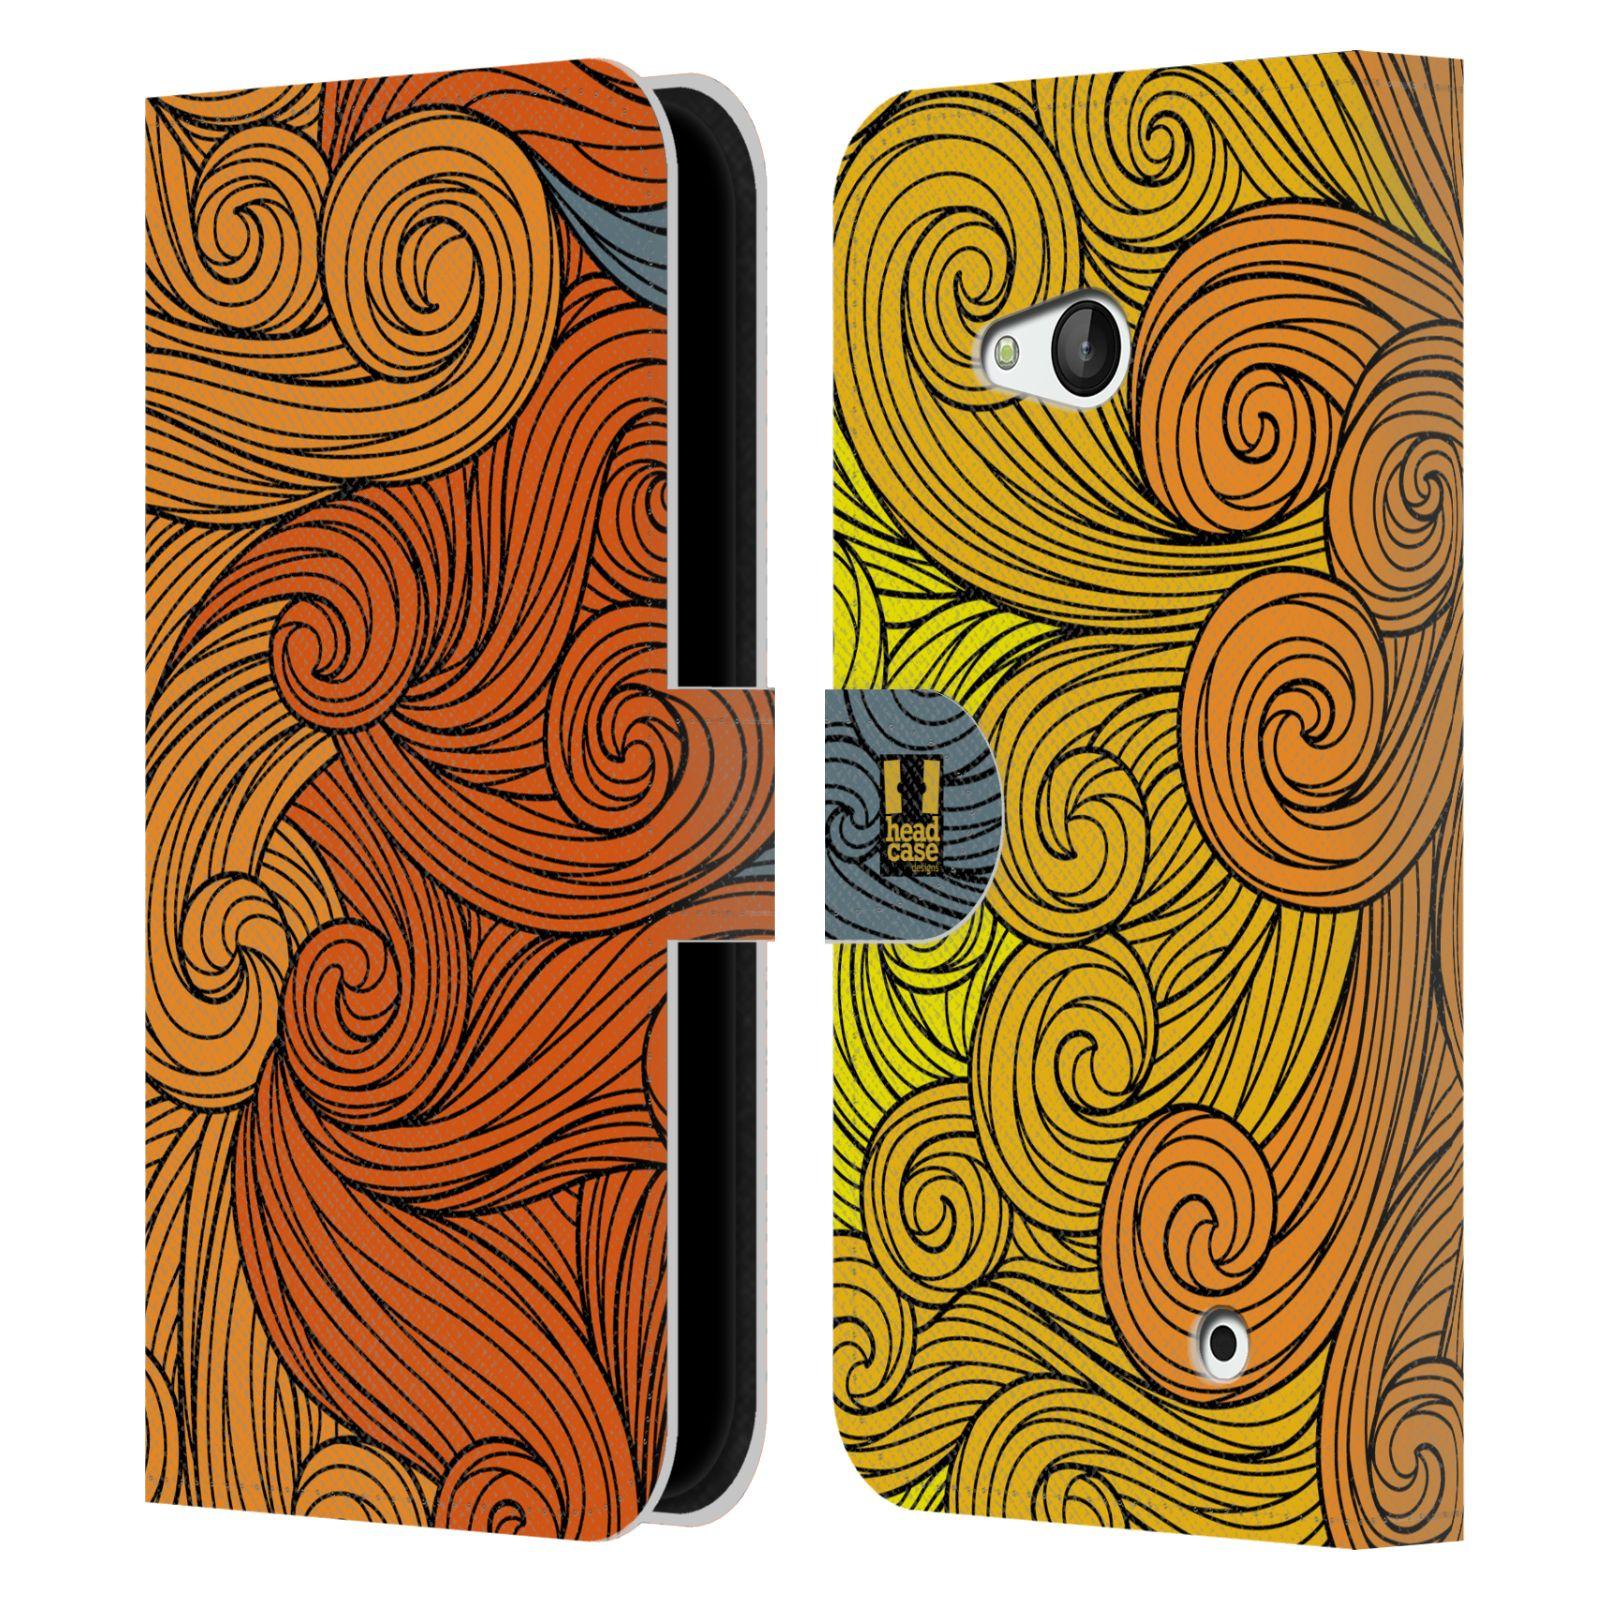 HEAD CASE Flipové pouzdro pro mobil NOKIA / MICROSOFT LUMIA 640 / LUMIA 640 DUAL barevné vlny žlutá a oranžová